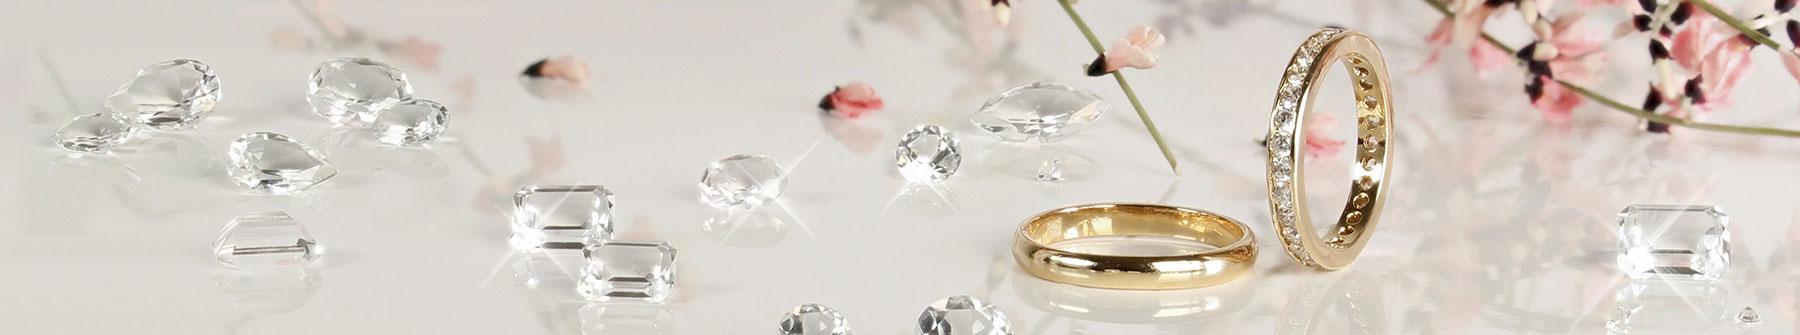 Swarovski Gemstones Natürliche Echtsteine